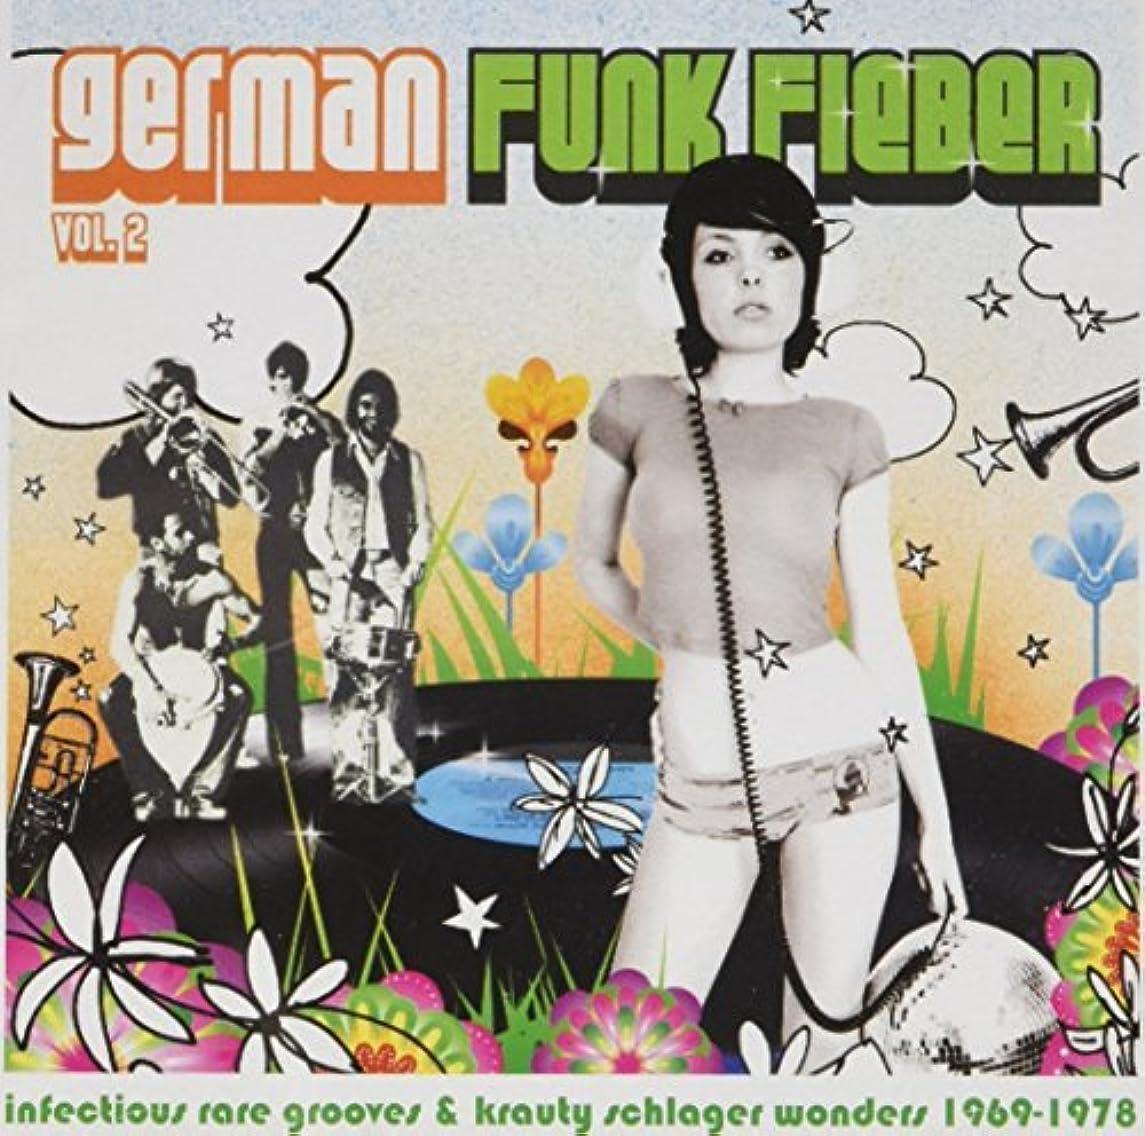 German Funk Fieber Vol.2 by Various Artists (2008-10-31)